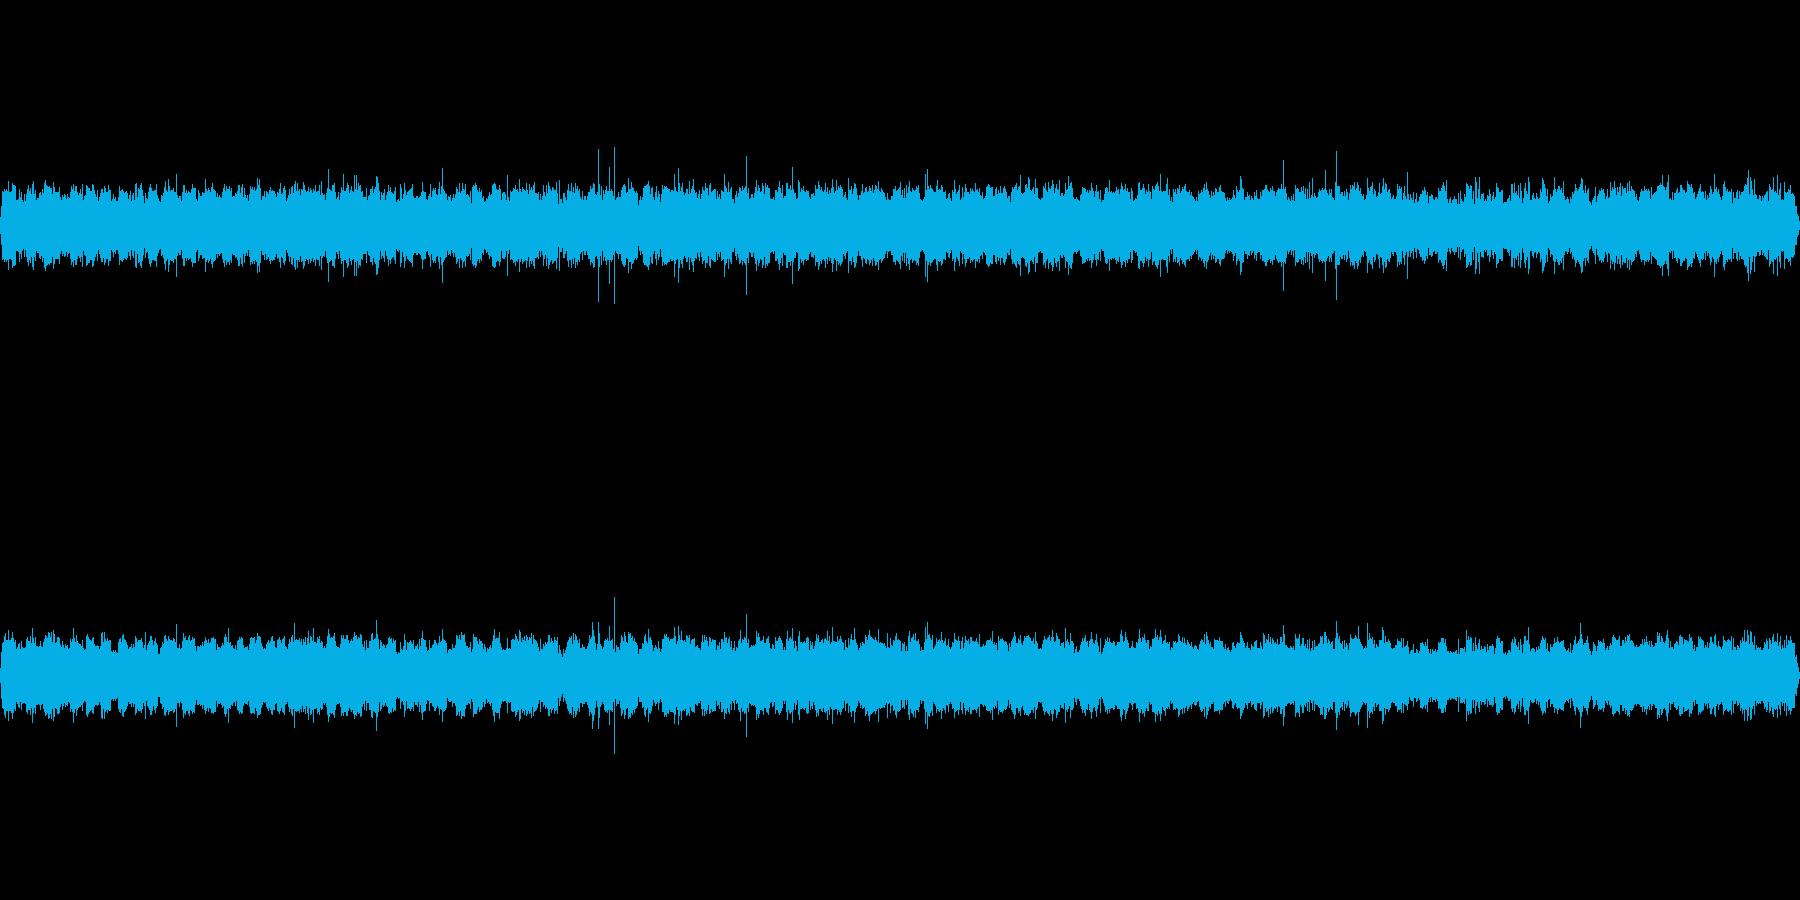 【初秋】 用水路の水音と虫の鳴き声の再生済みの波形